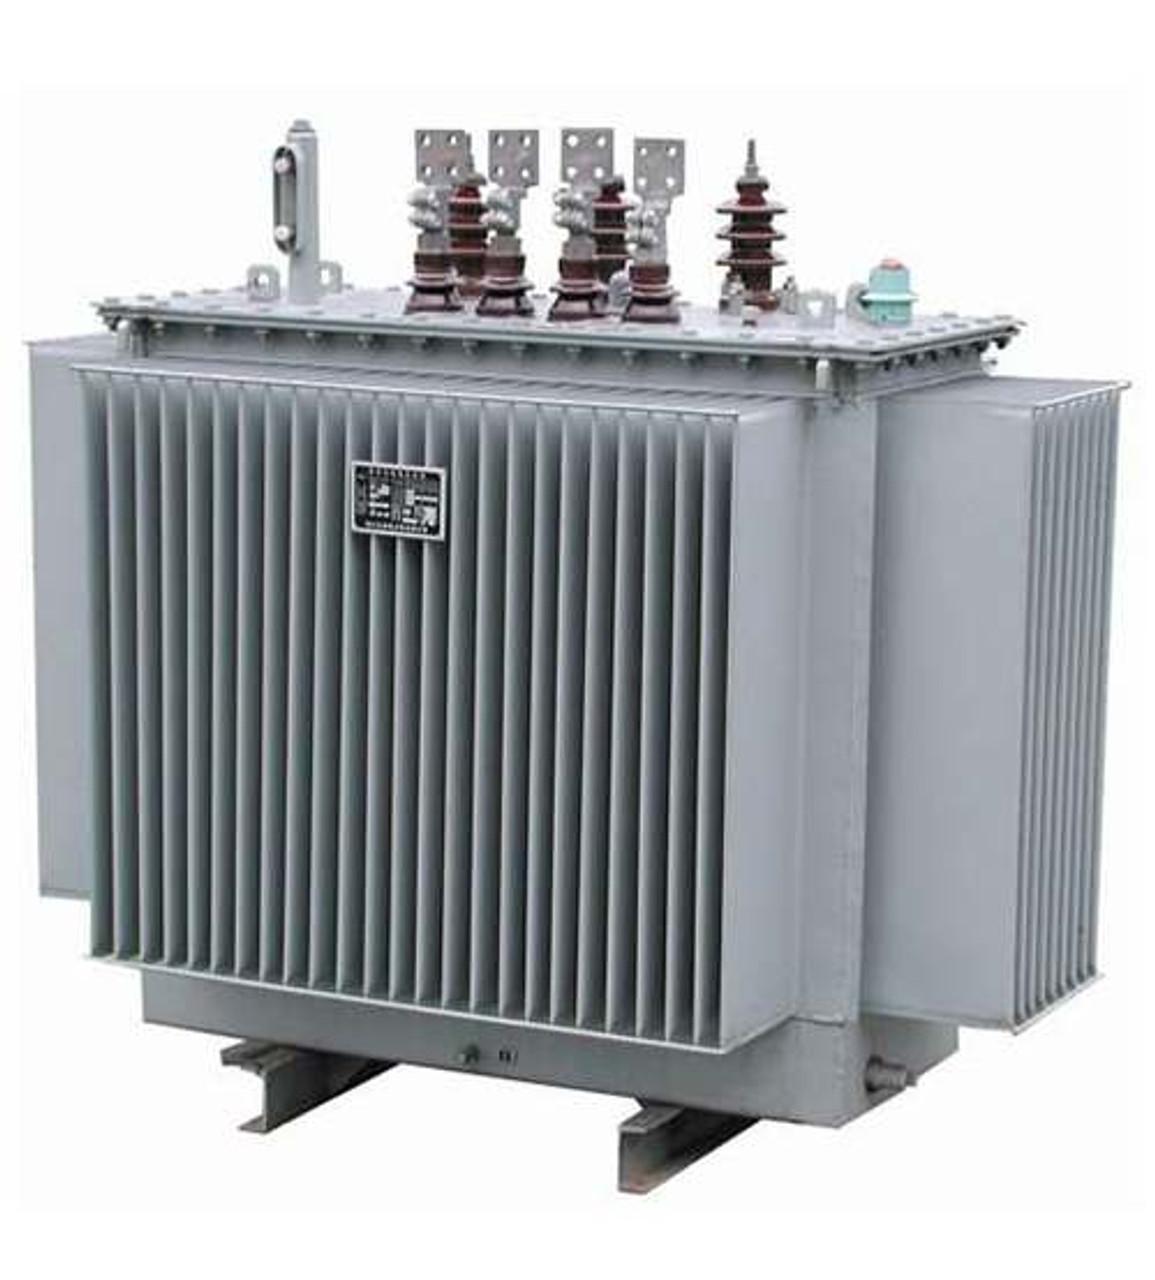 medium resolution of power transformer abb 500kva 11 0415kv distribution transformer